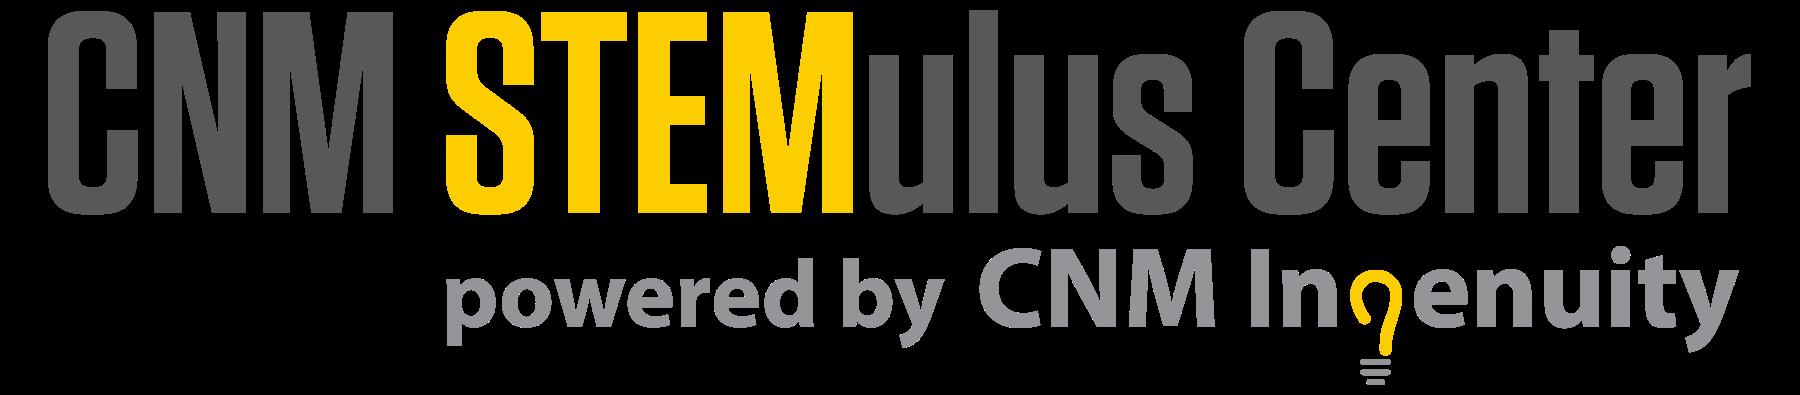 CNM STEMulus Center